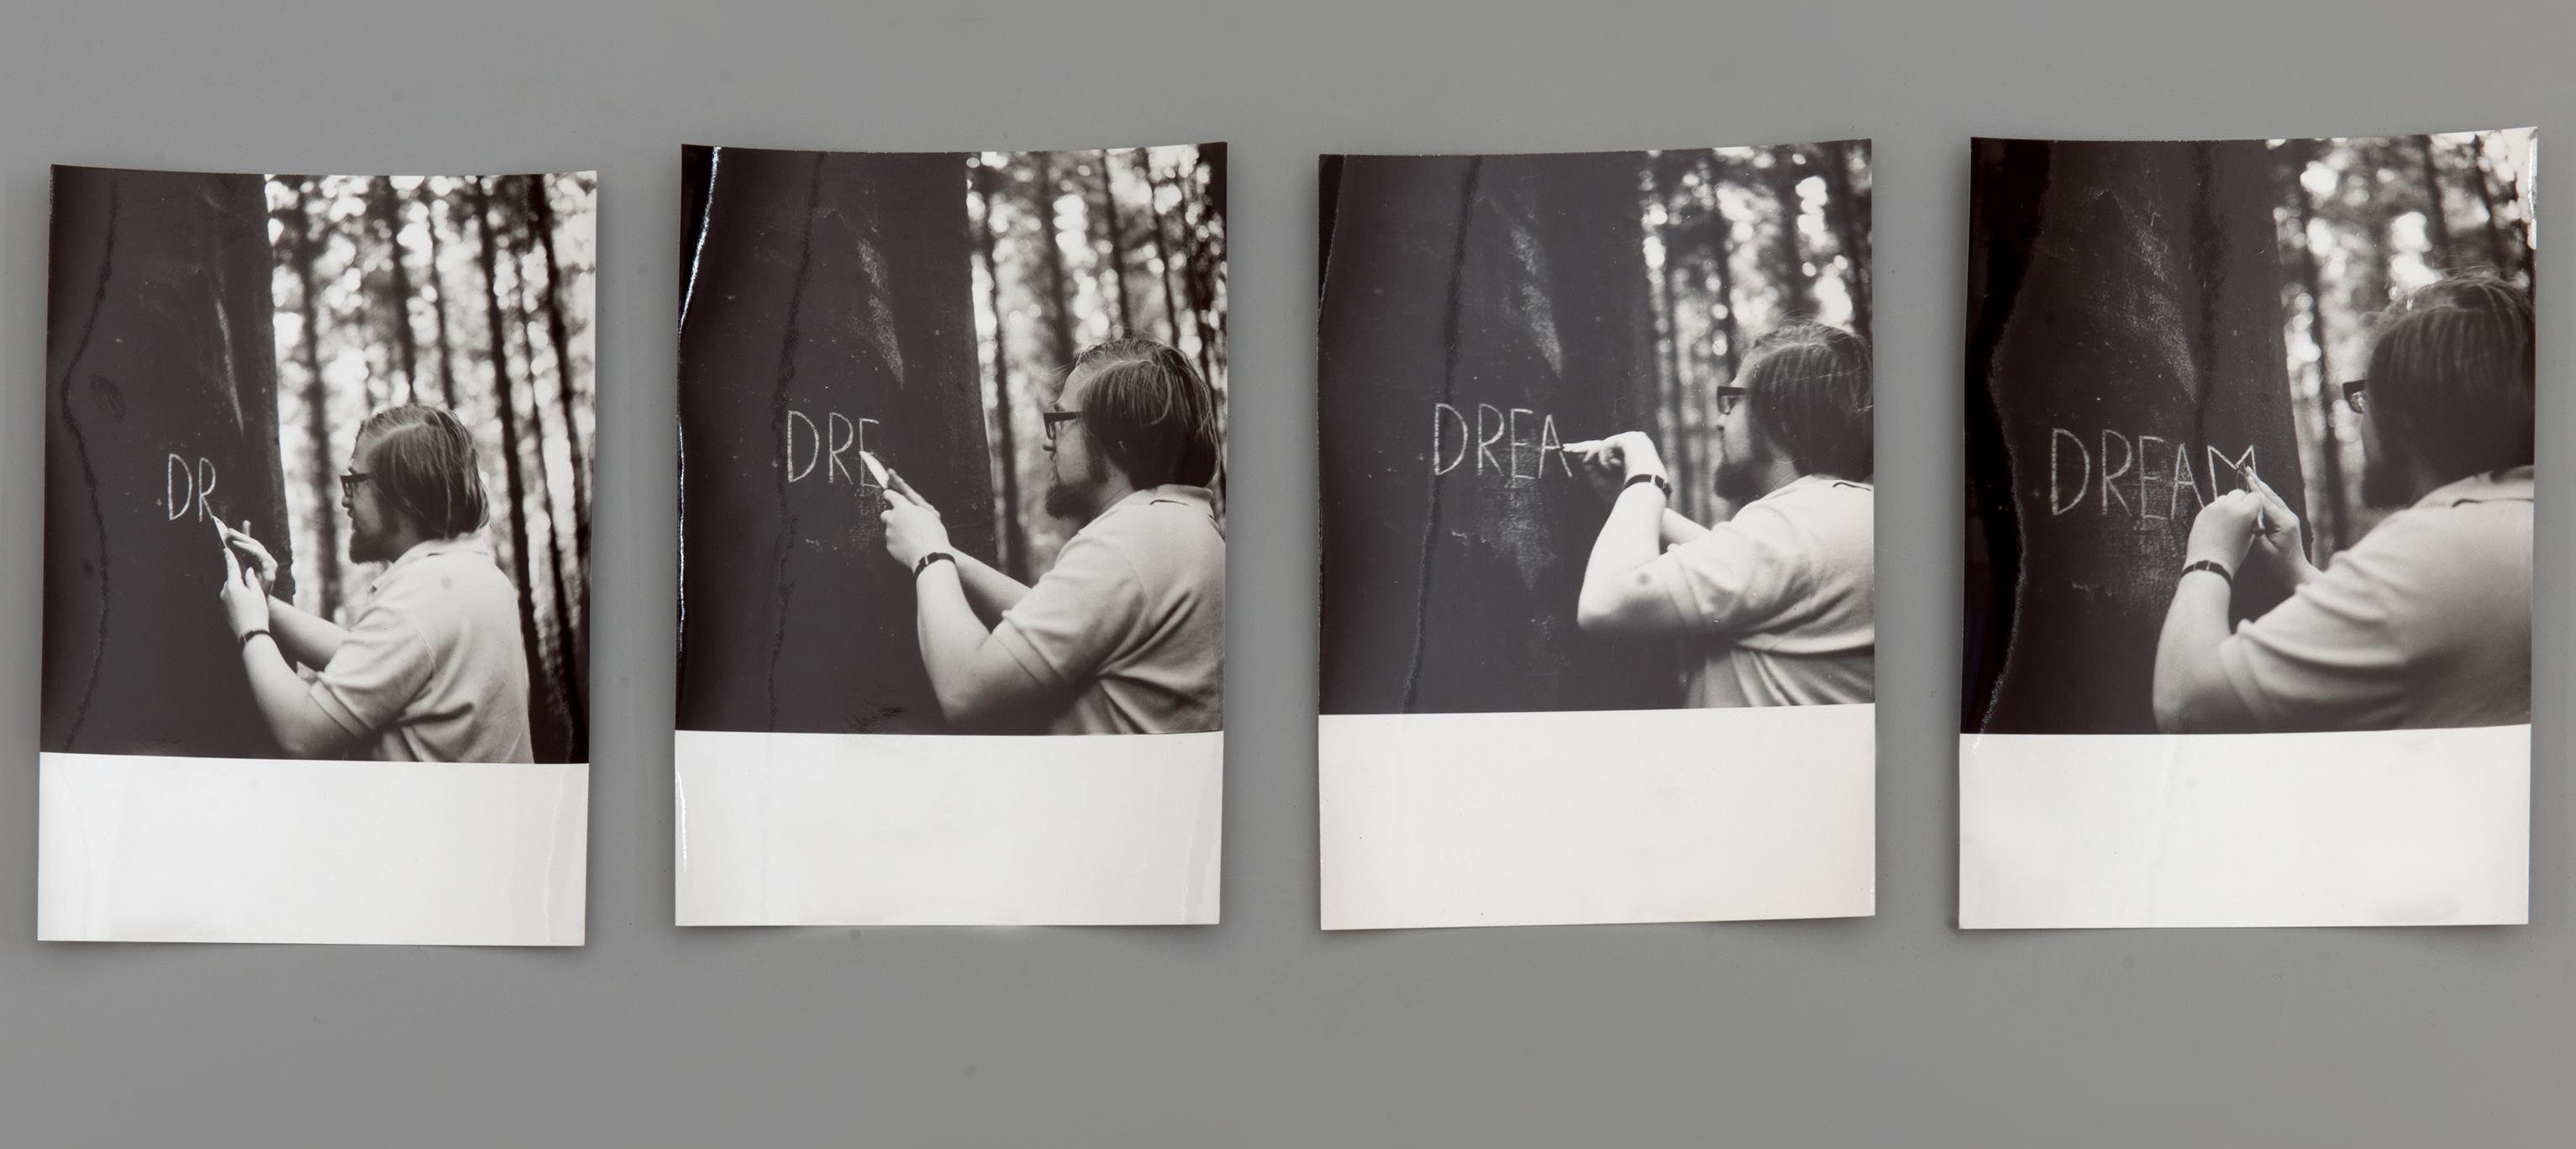 ČT / 6.9. / 18.00 / PROSTOR PRO KNIHU: Whatever: Texty Jiřího Valocha 1969 – 1989 / křest knihy